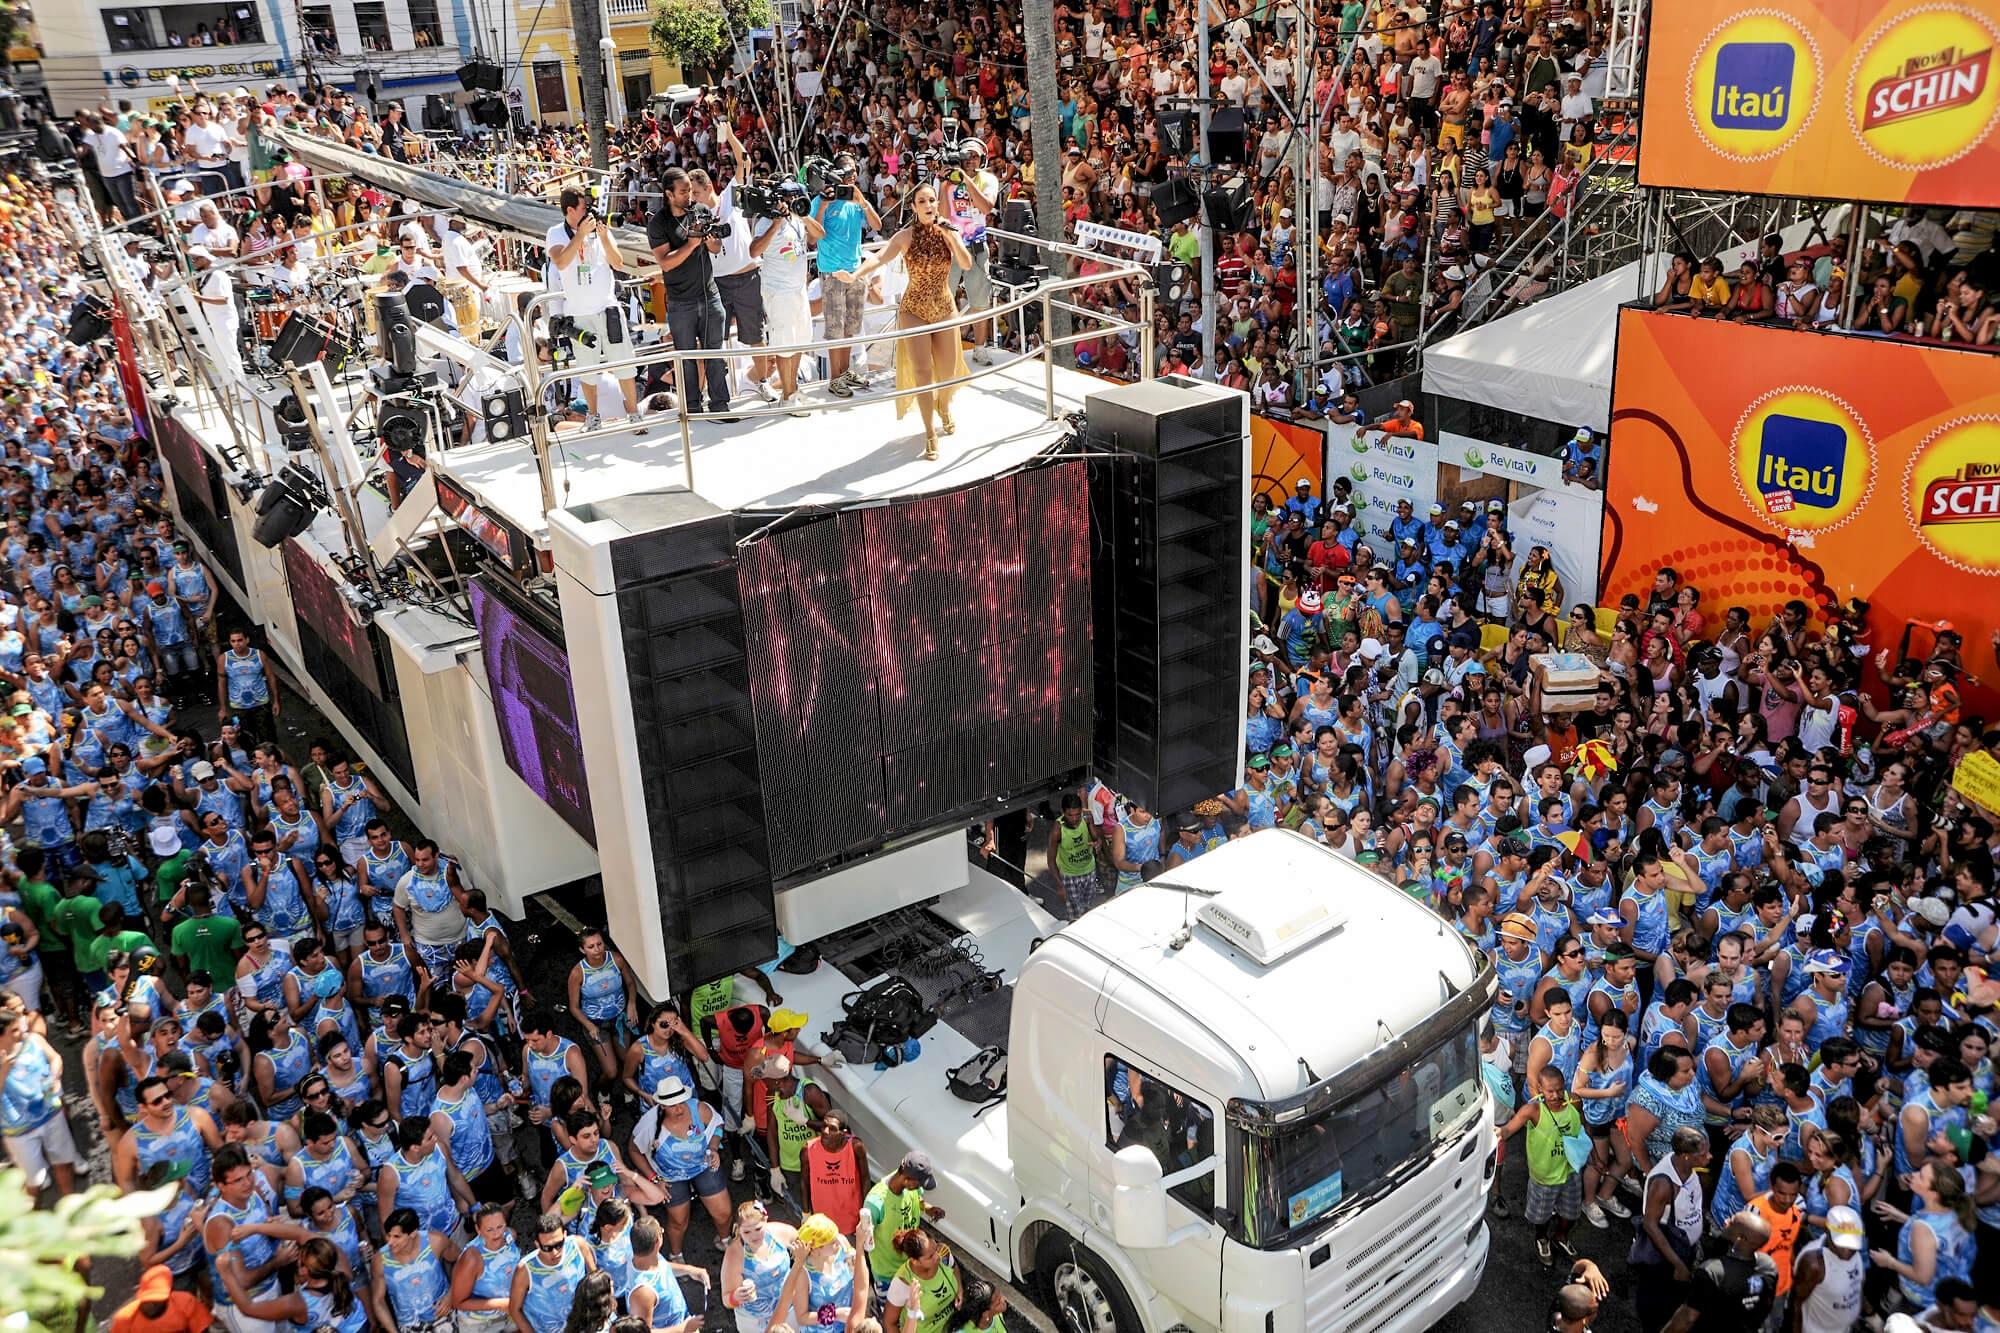 Bloco Carnafacul invade Zona Norte de São Paulo com Canaval aberto ao público 41